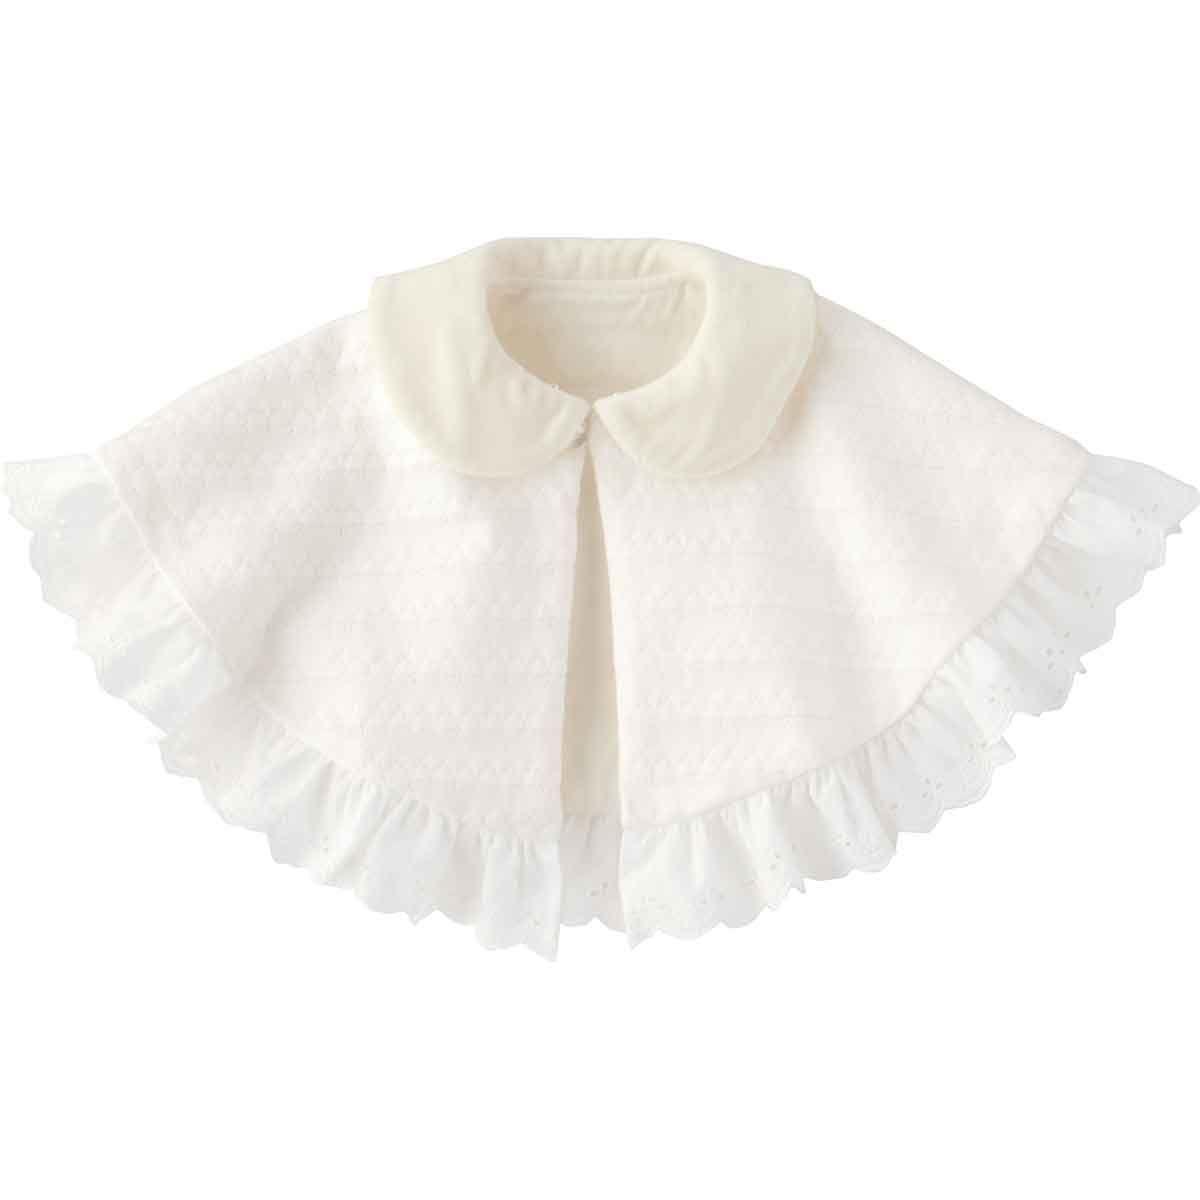 ケープ: 新生児アイテム・出産準備用品|ベビー服・ベビー布団・出産準備はコンビミニの通販